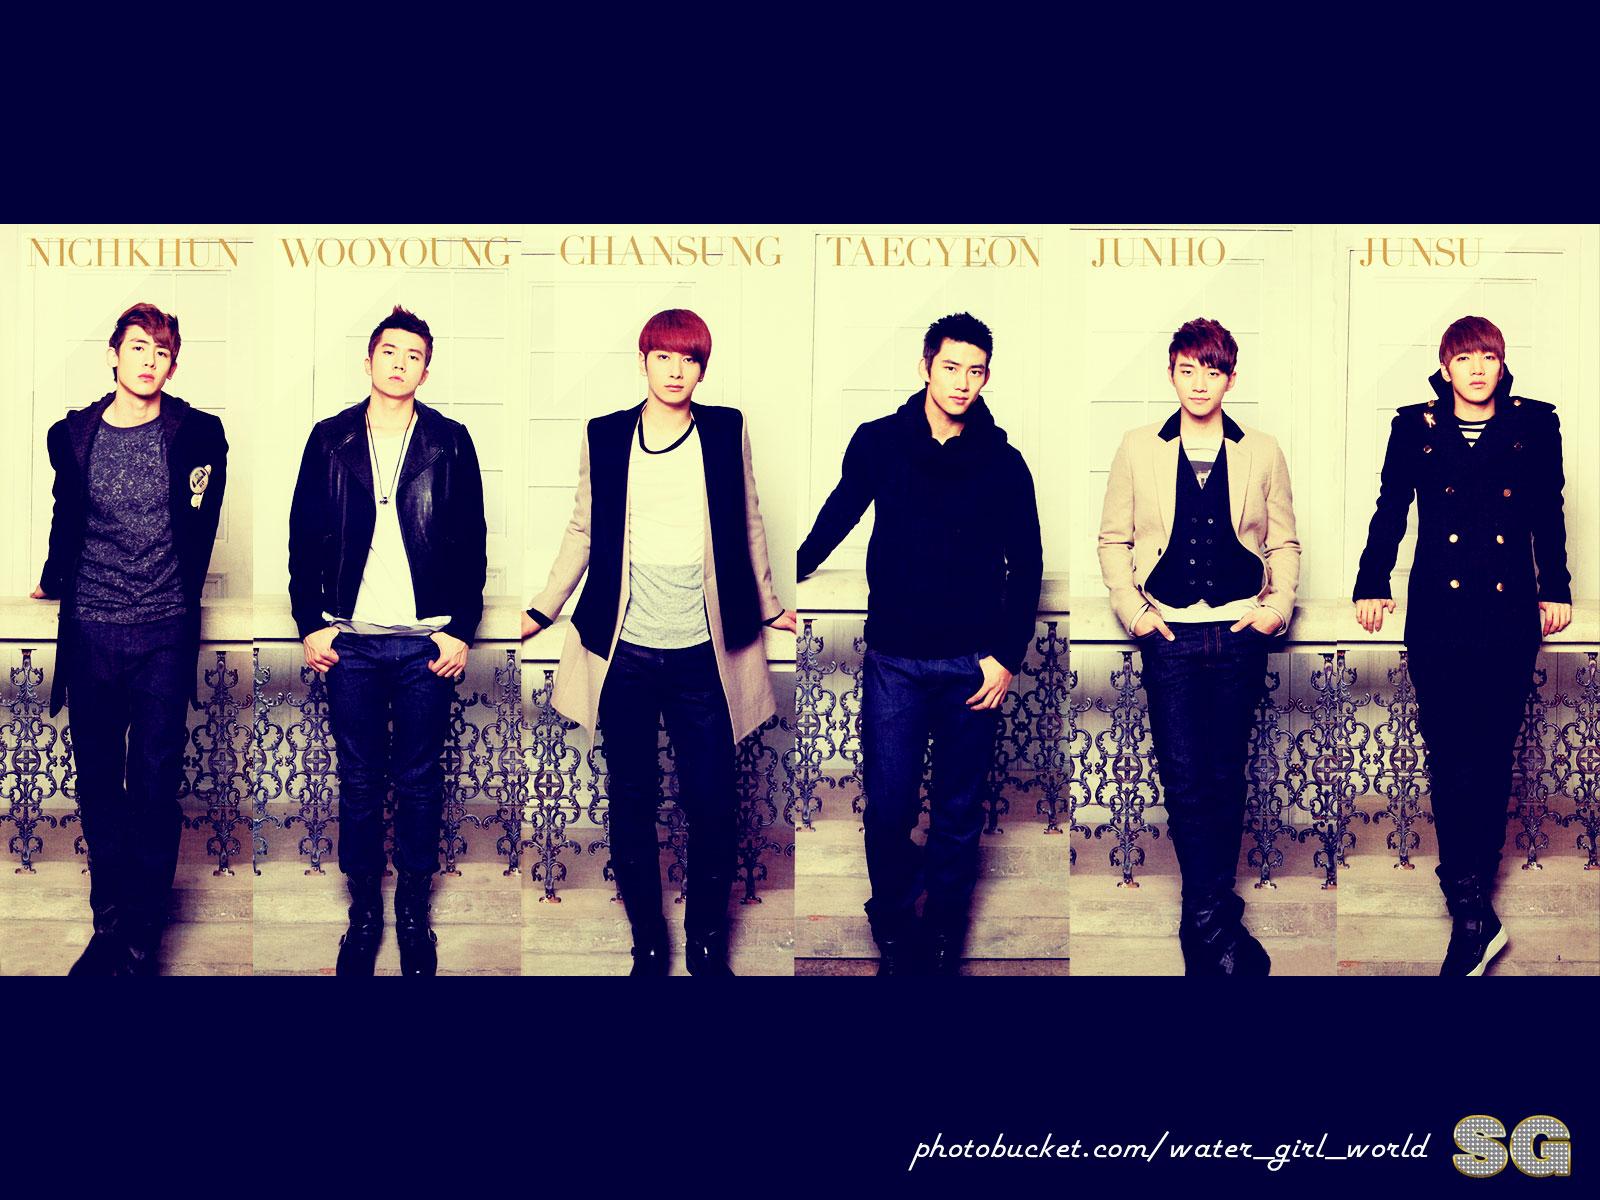 http://2.bp.blogspot.com/-NJ47QroPIXw/TVu9vIgiz3I/AAAAAAAACL0/YisW54BDYTI/s1600/2PM_Polaroid.jpg